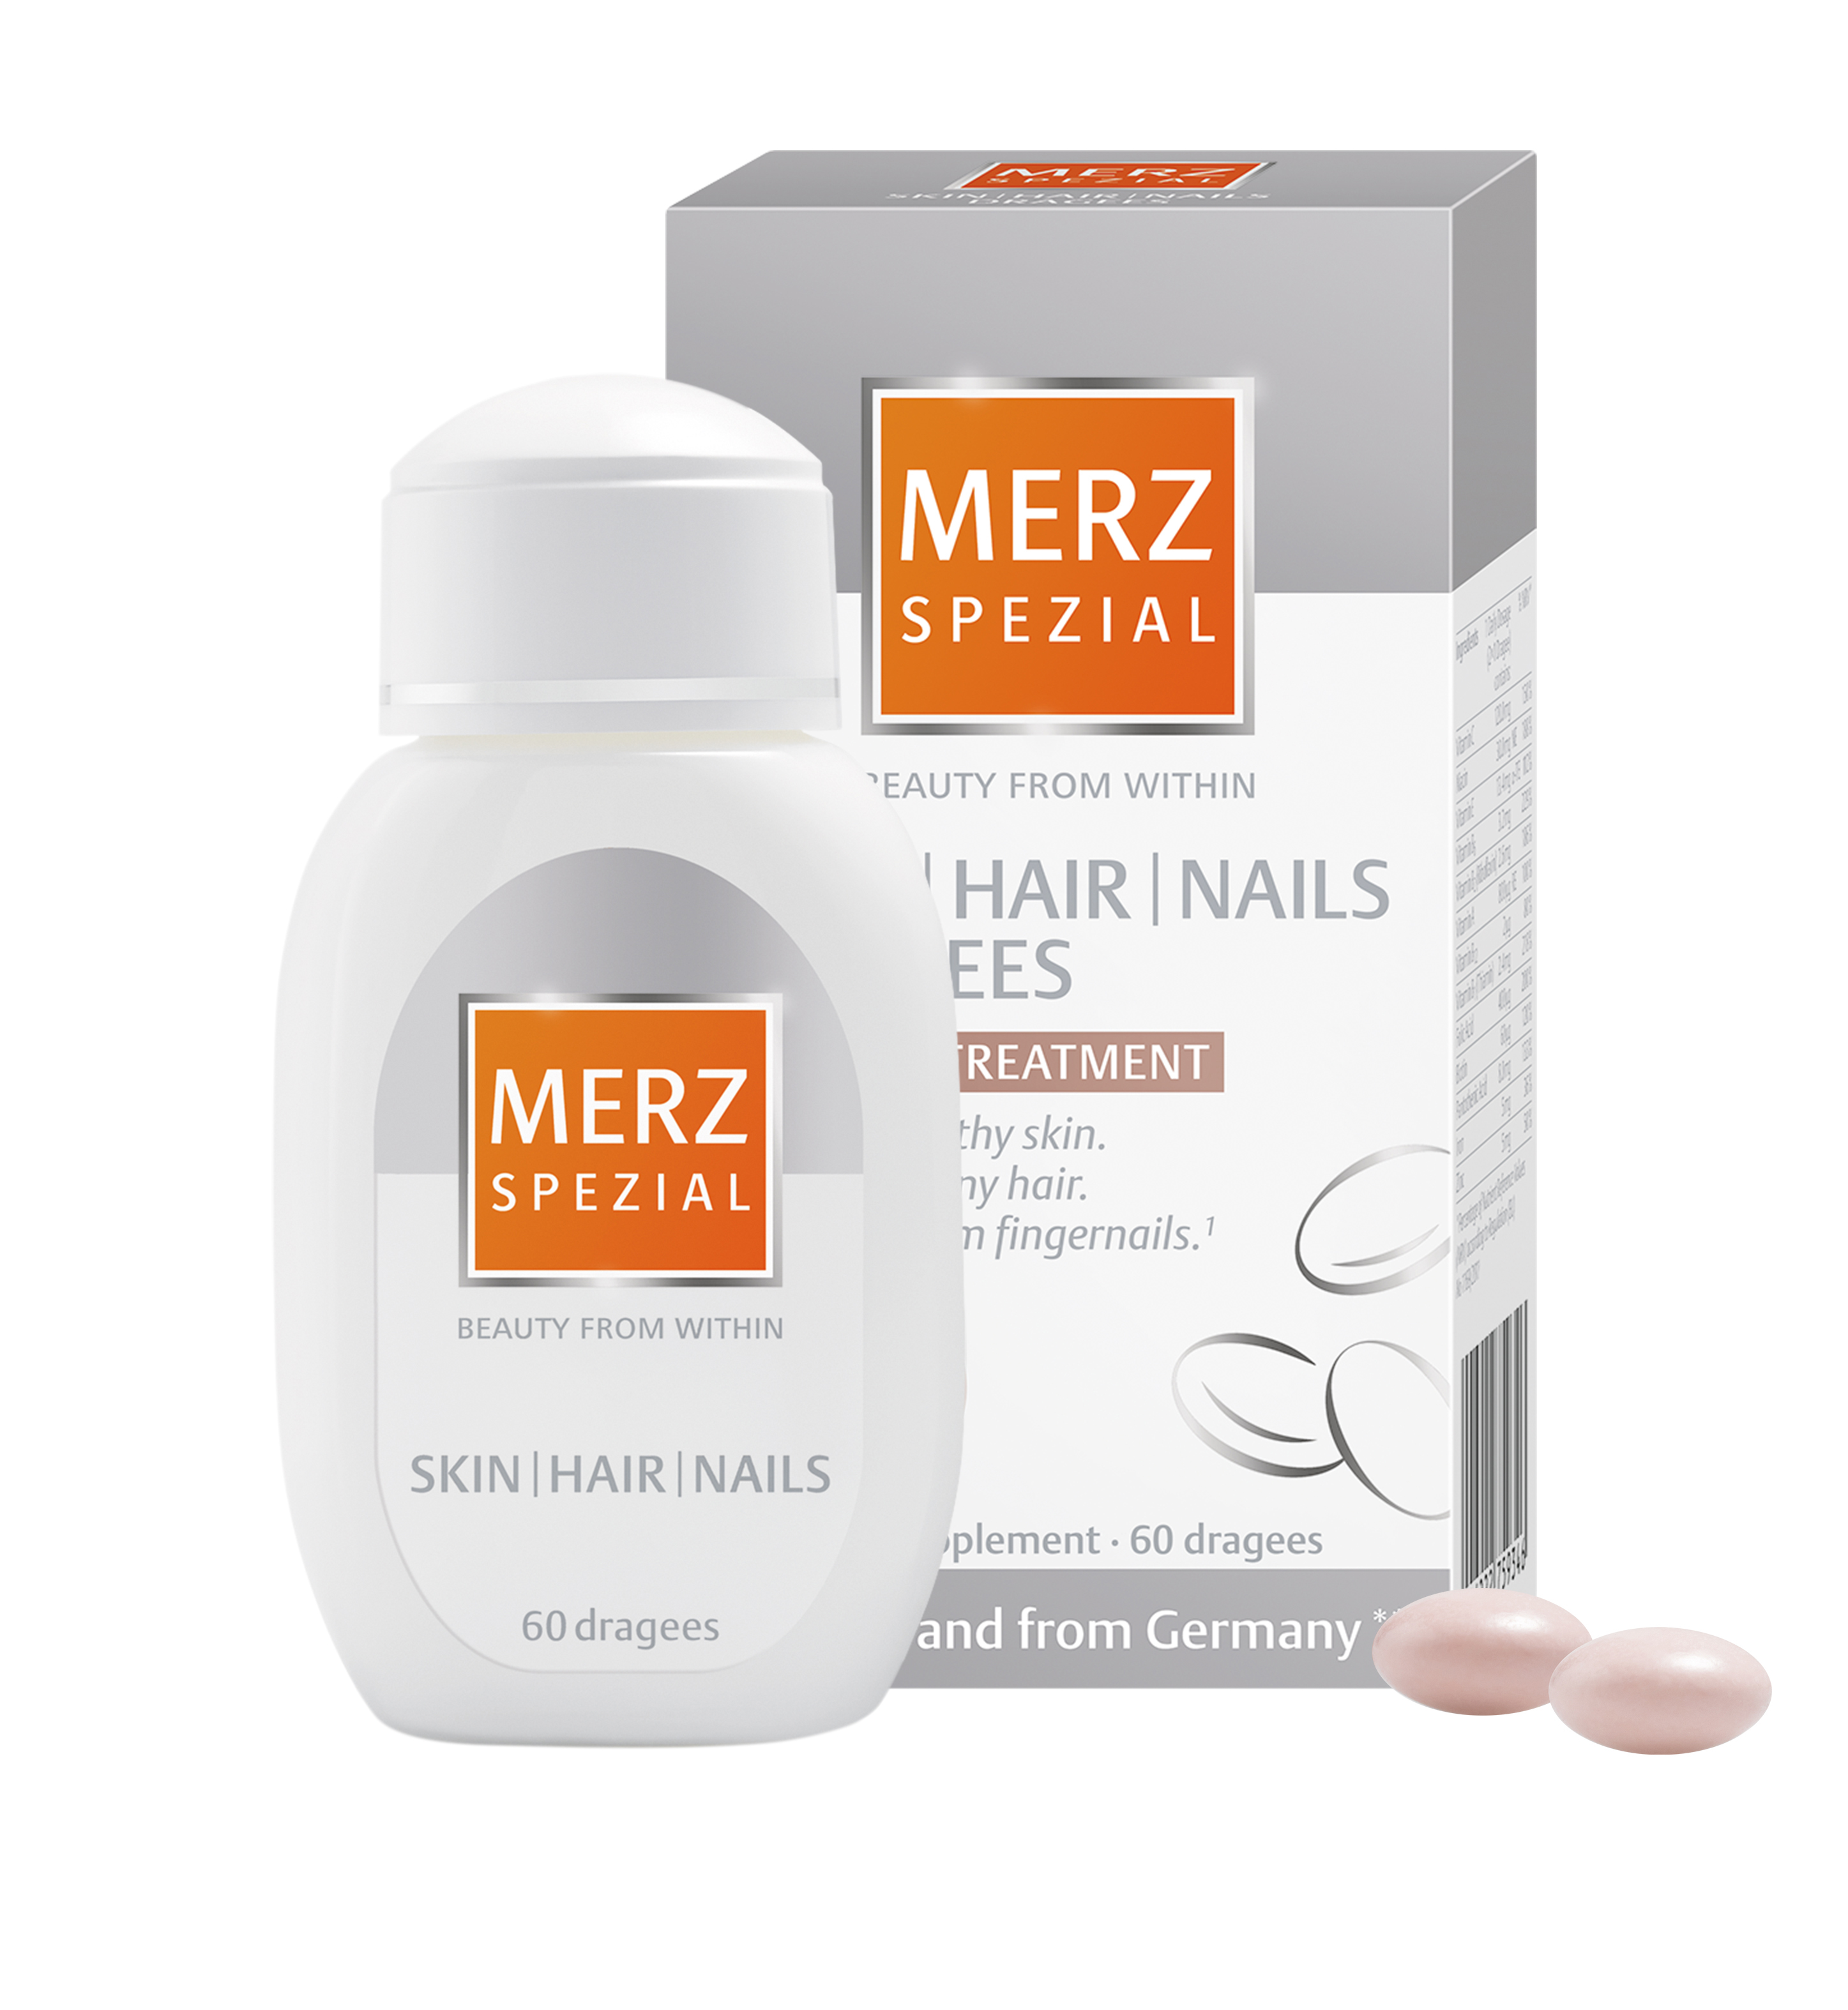 მერცის სპეციალური დრაჟე / Merz Spezial Dragees